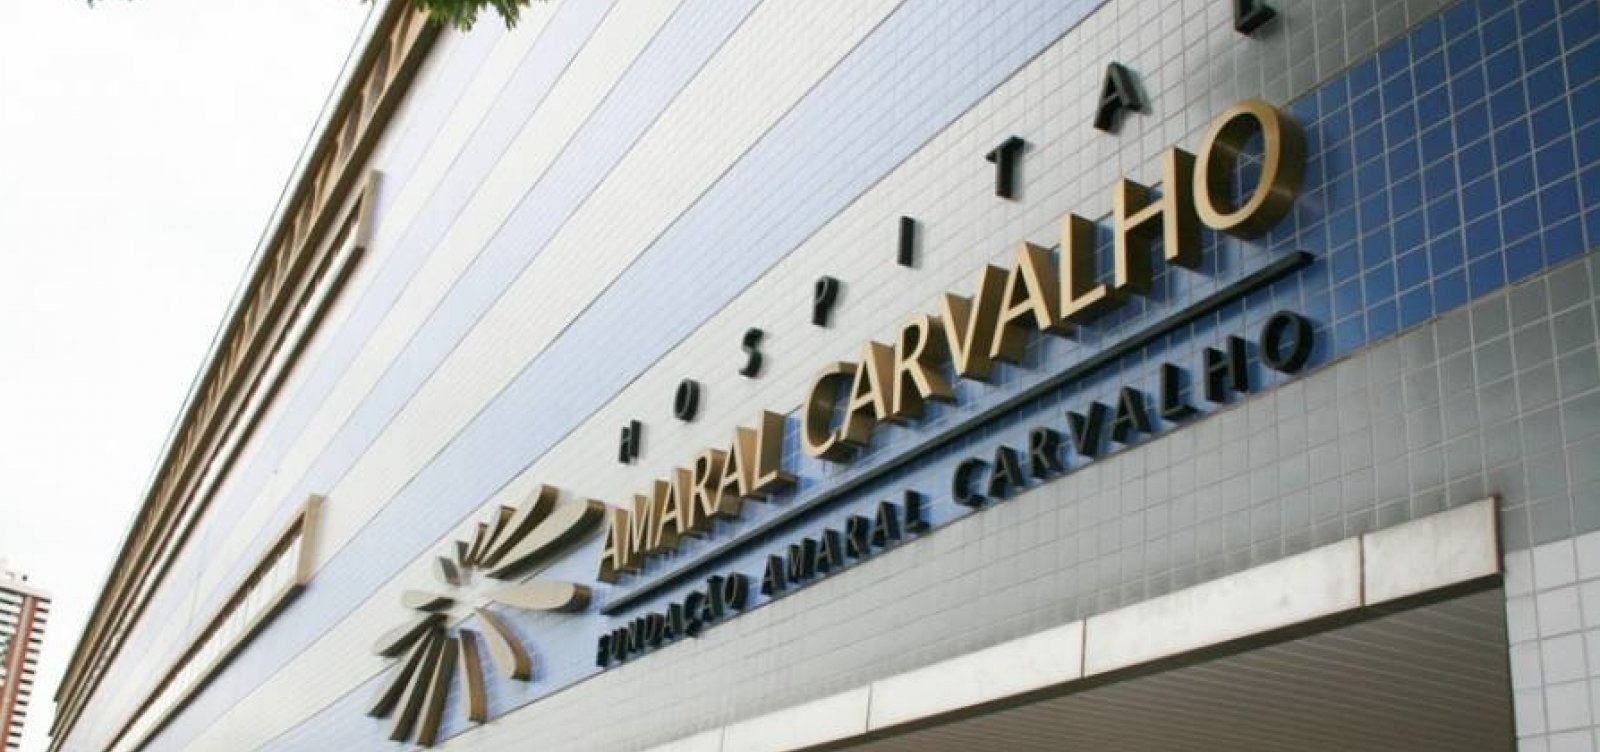 Hospital suspende atendimento após mais de 20 funcionários contraírem sarampo